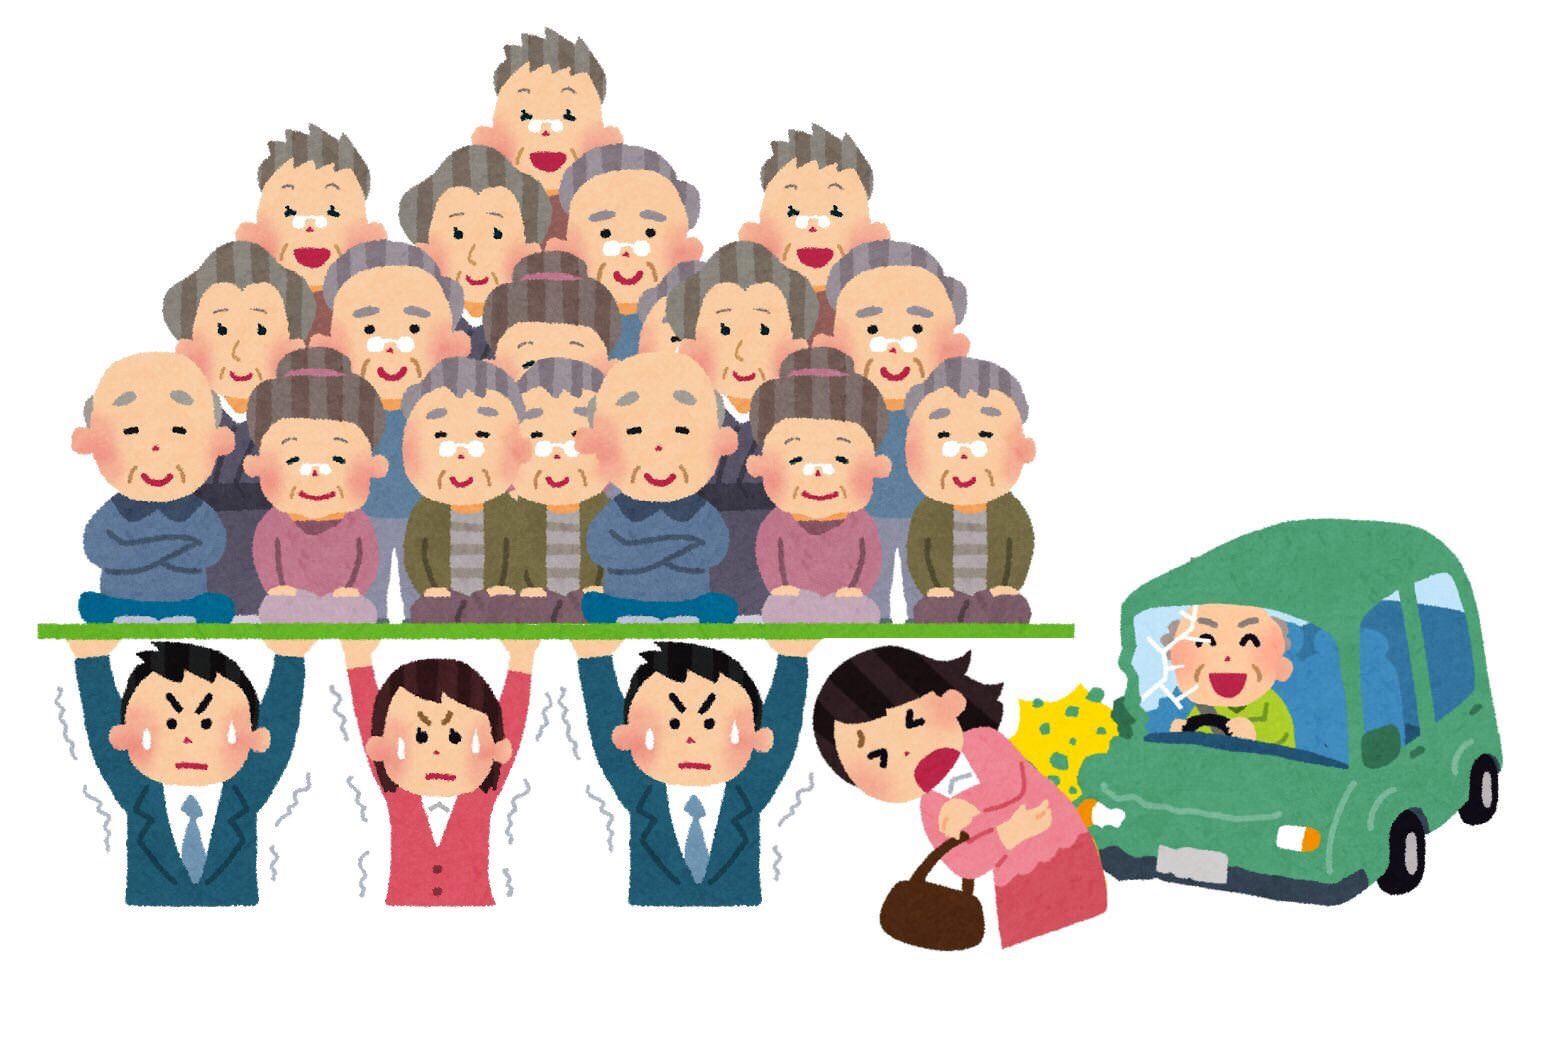 高齢者問題いらすとや 話のネタ画像 Family Guy Fictional Characters